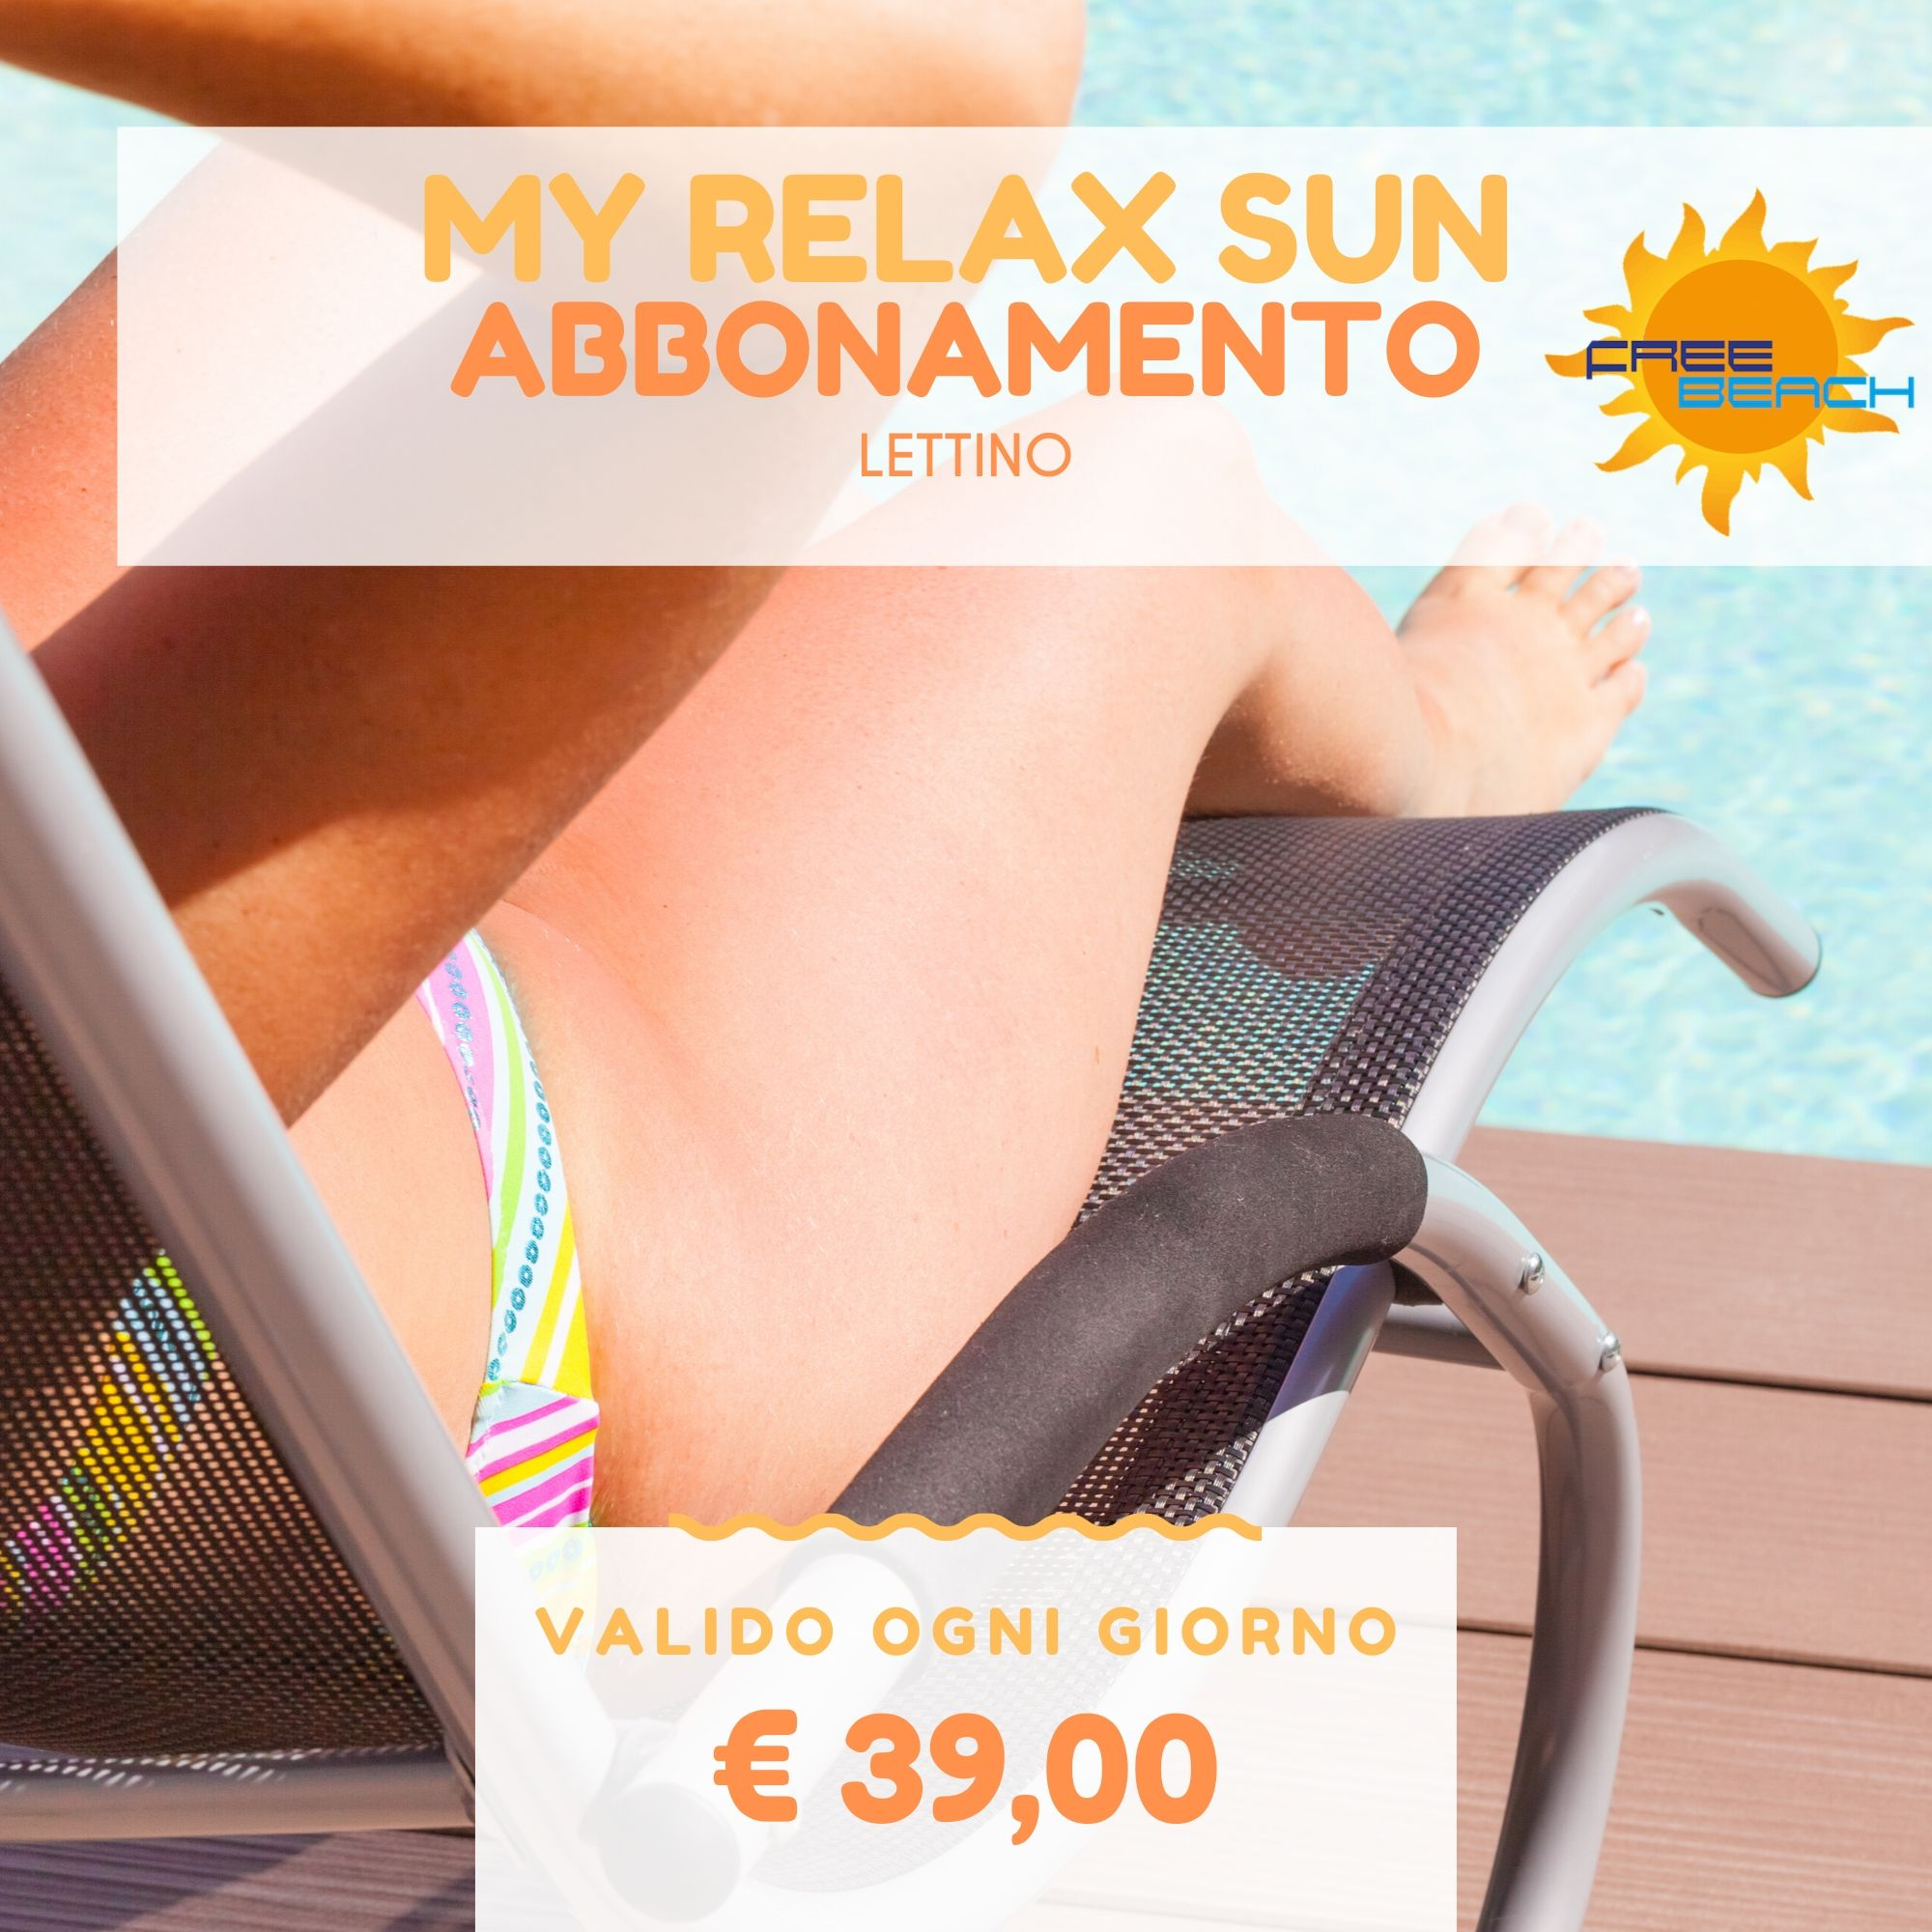 Copia di Copia di my relax sun